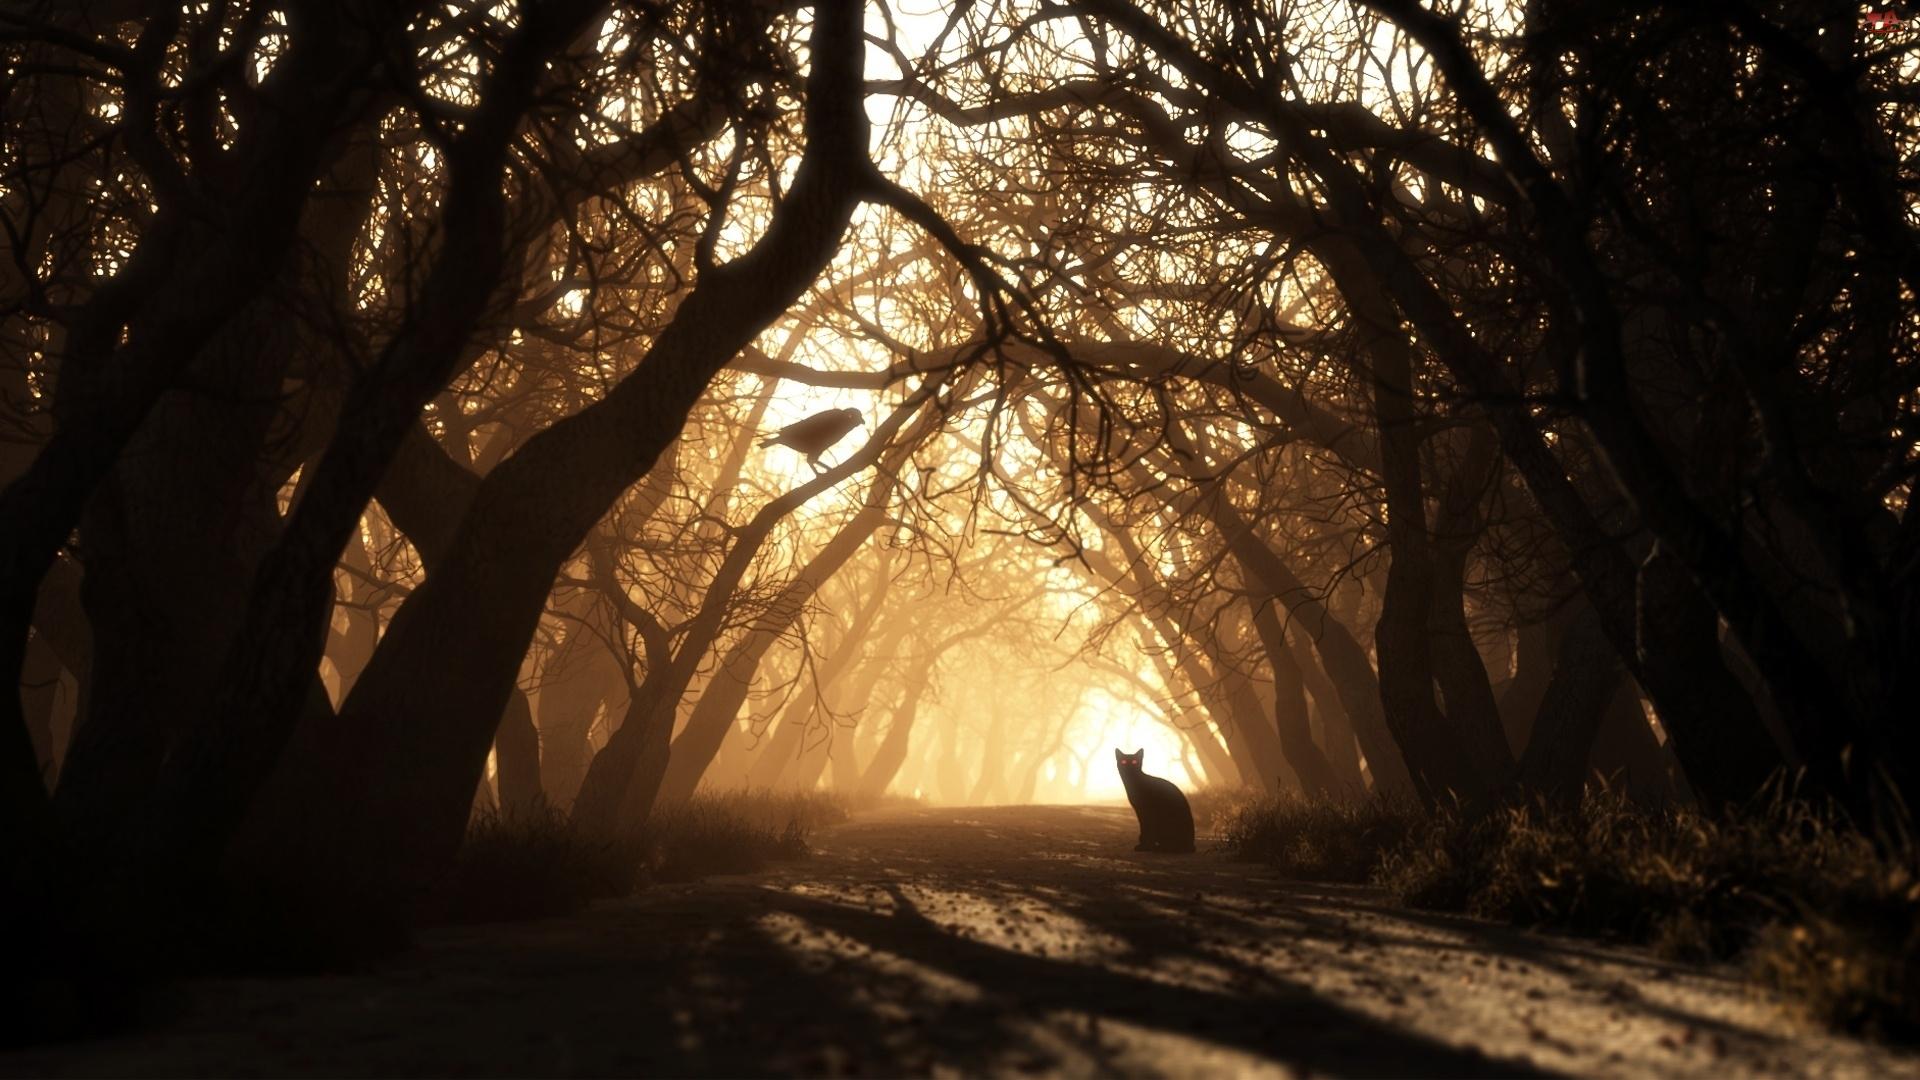 Droga, Kot, Drzewa, Ptak